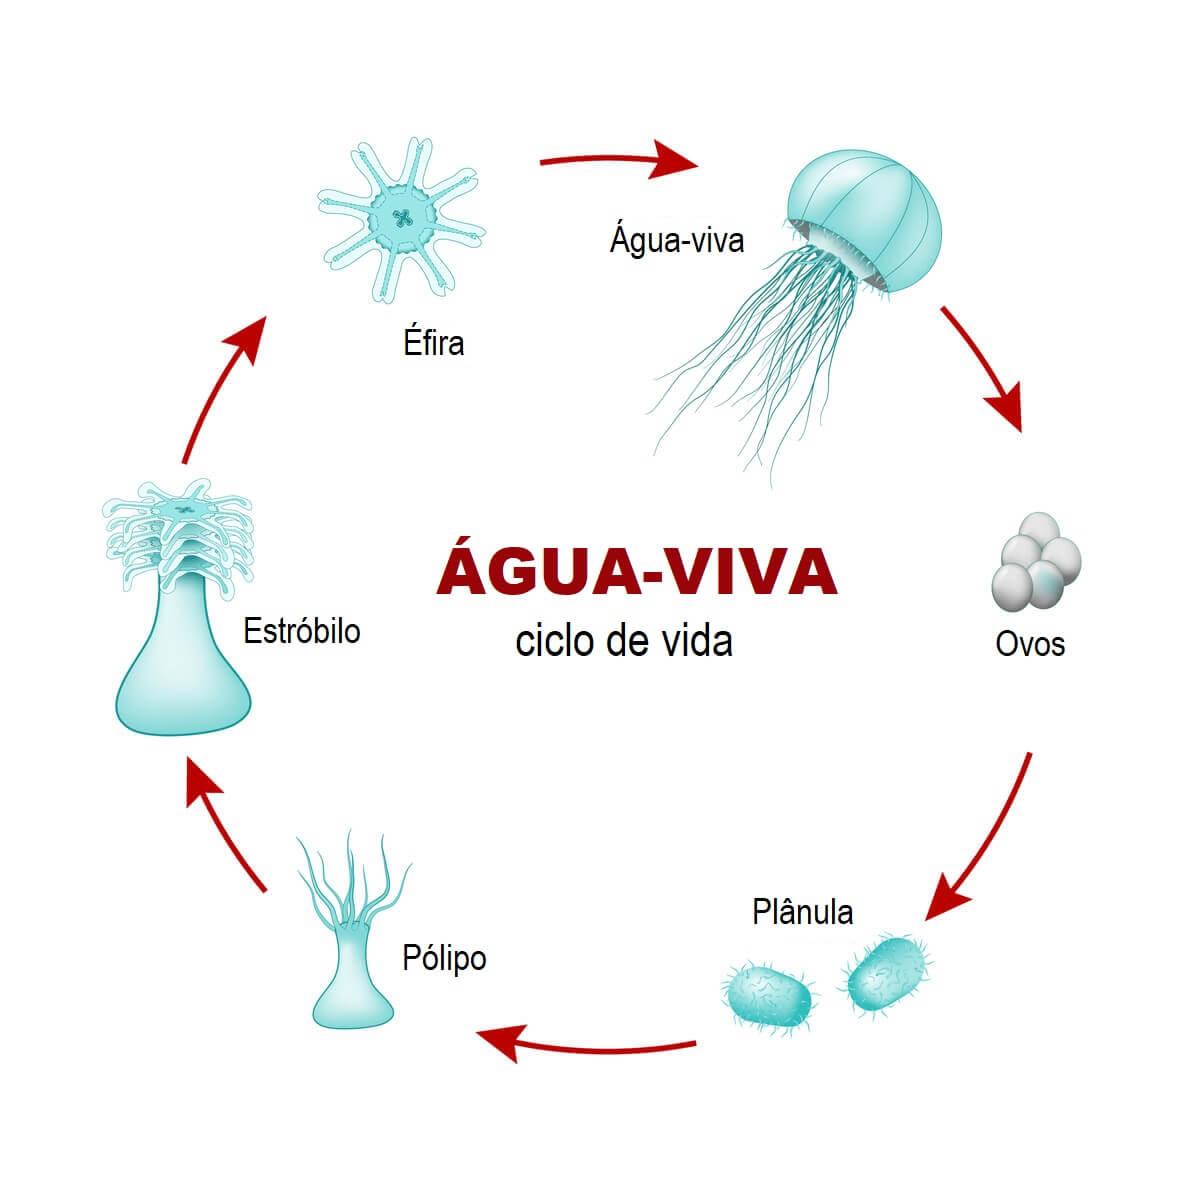 Reprodução alternada: ciclo de vida da água-viva